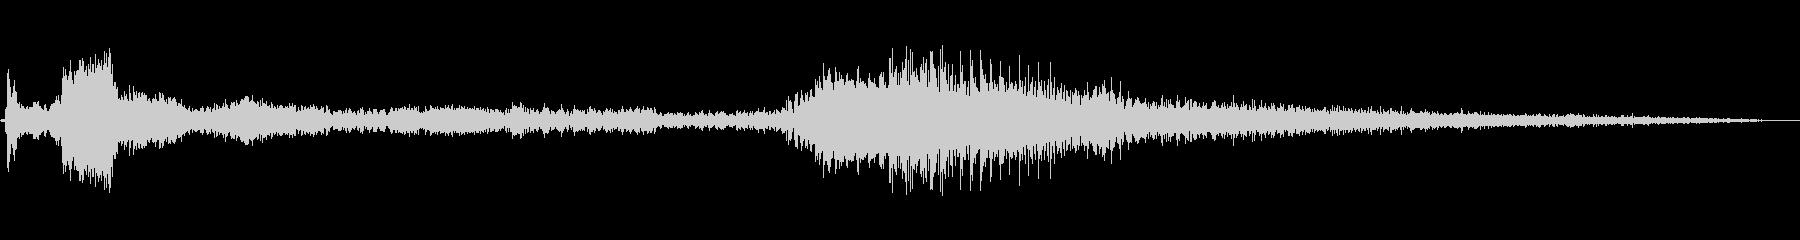 1985シェビーカマロ:スタート、...の未再生の波形